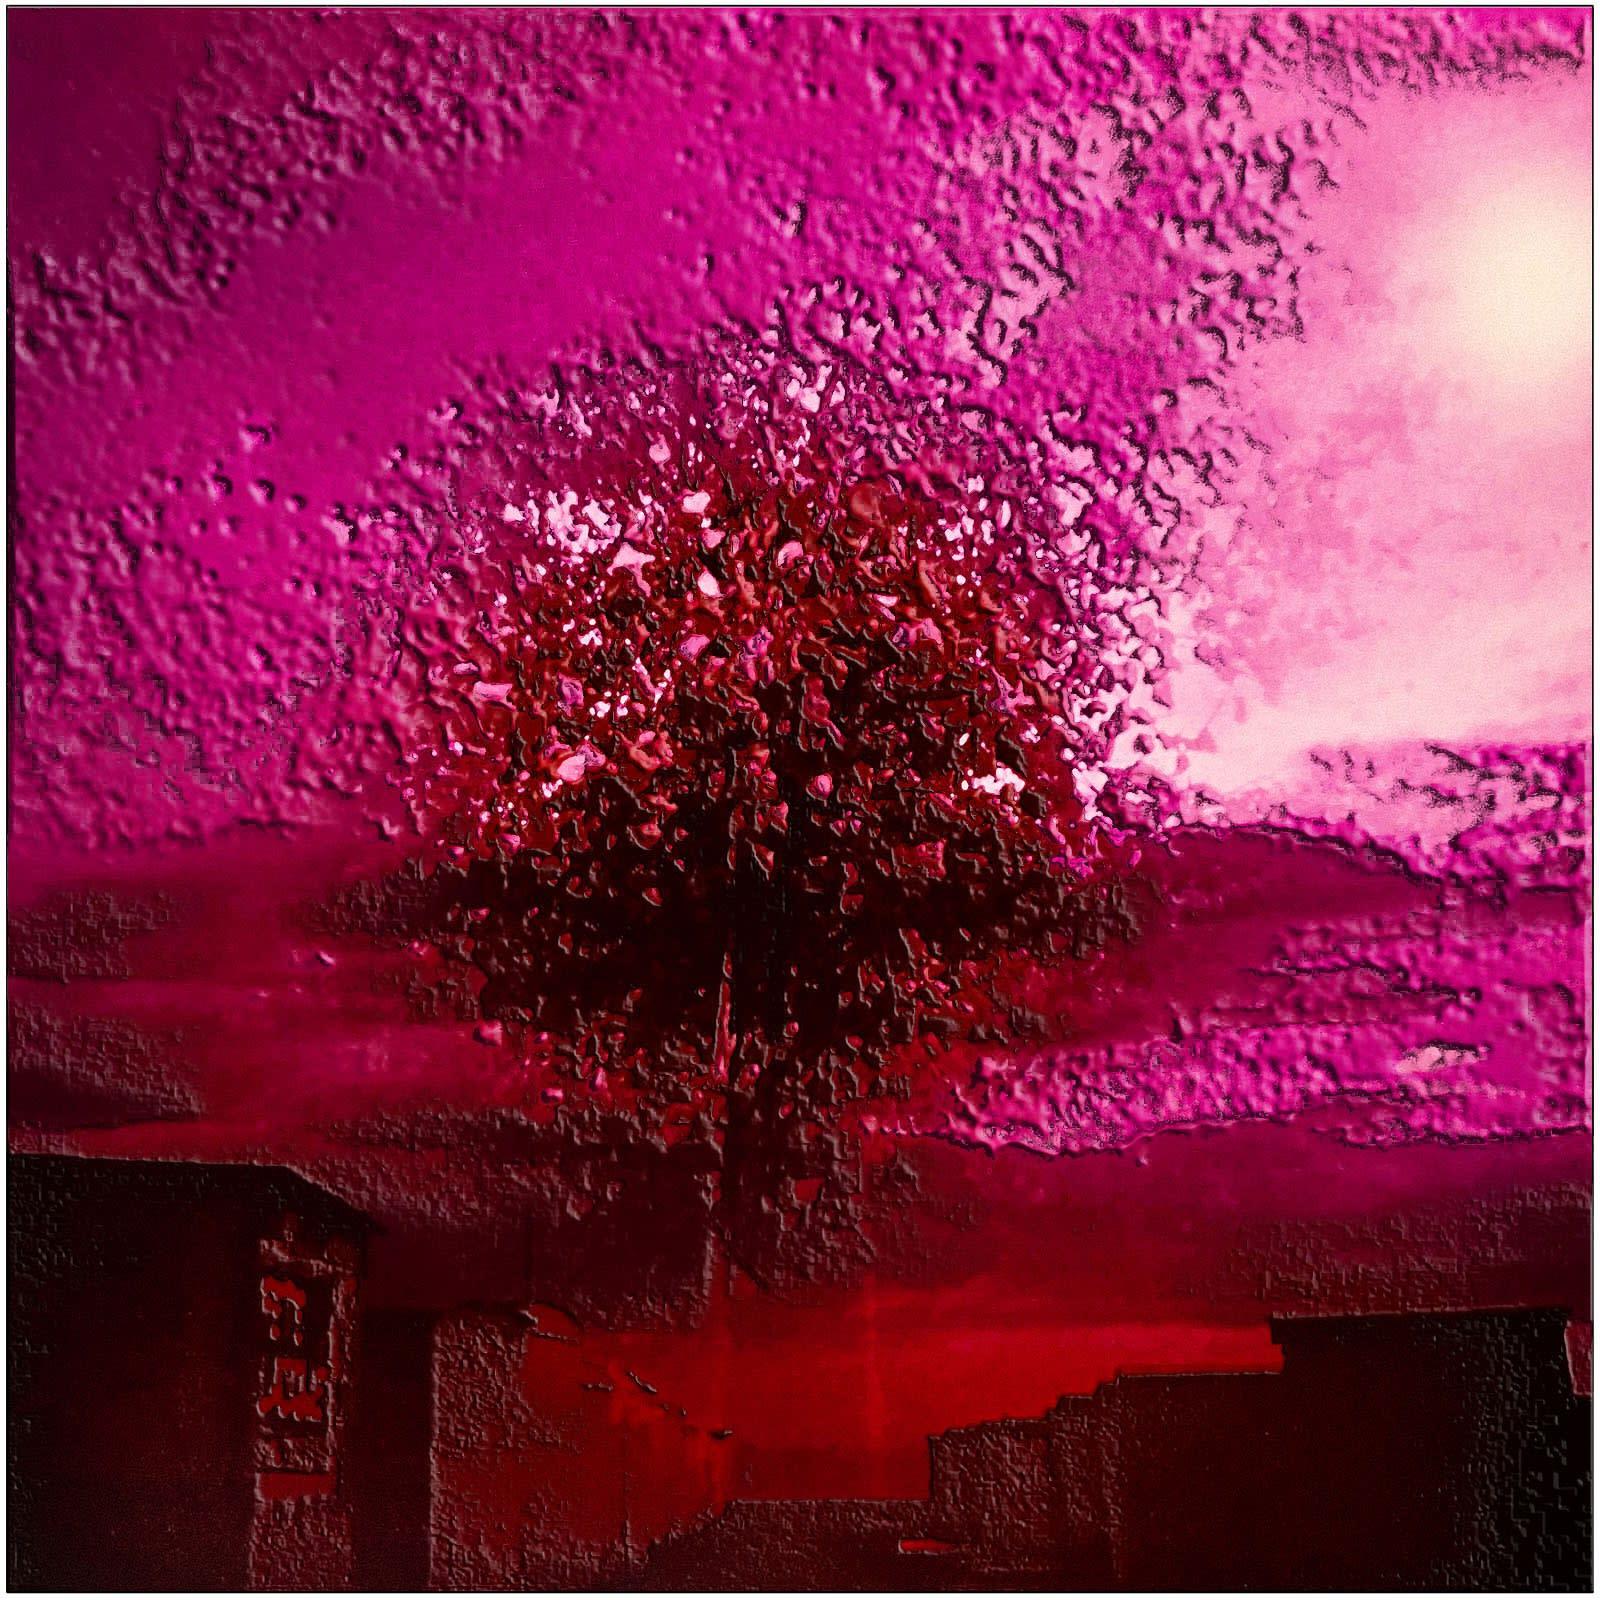 Alain Lacki, L'arbre rose, 1982